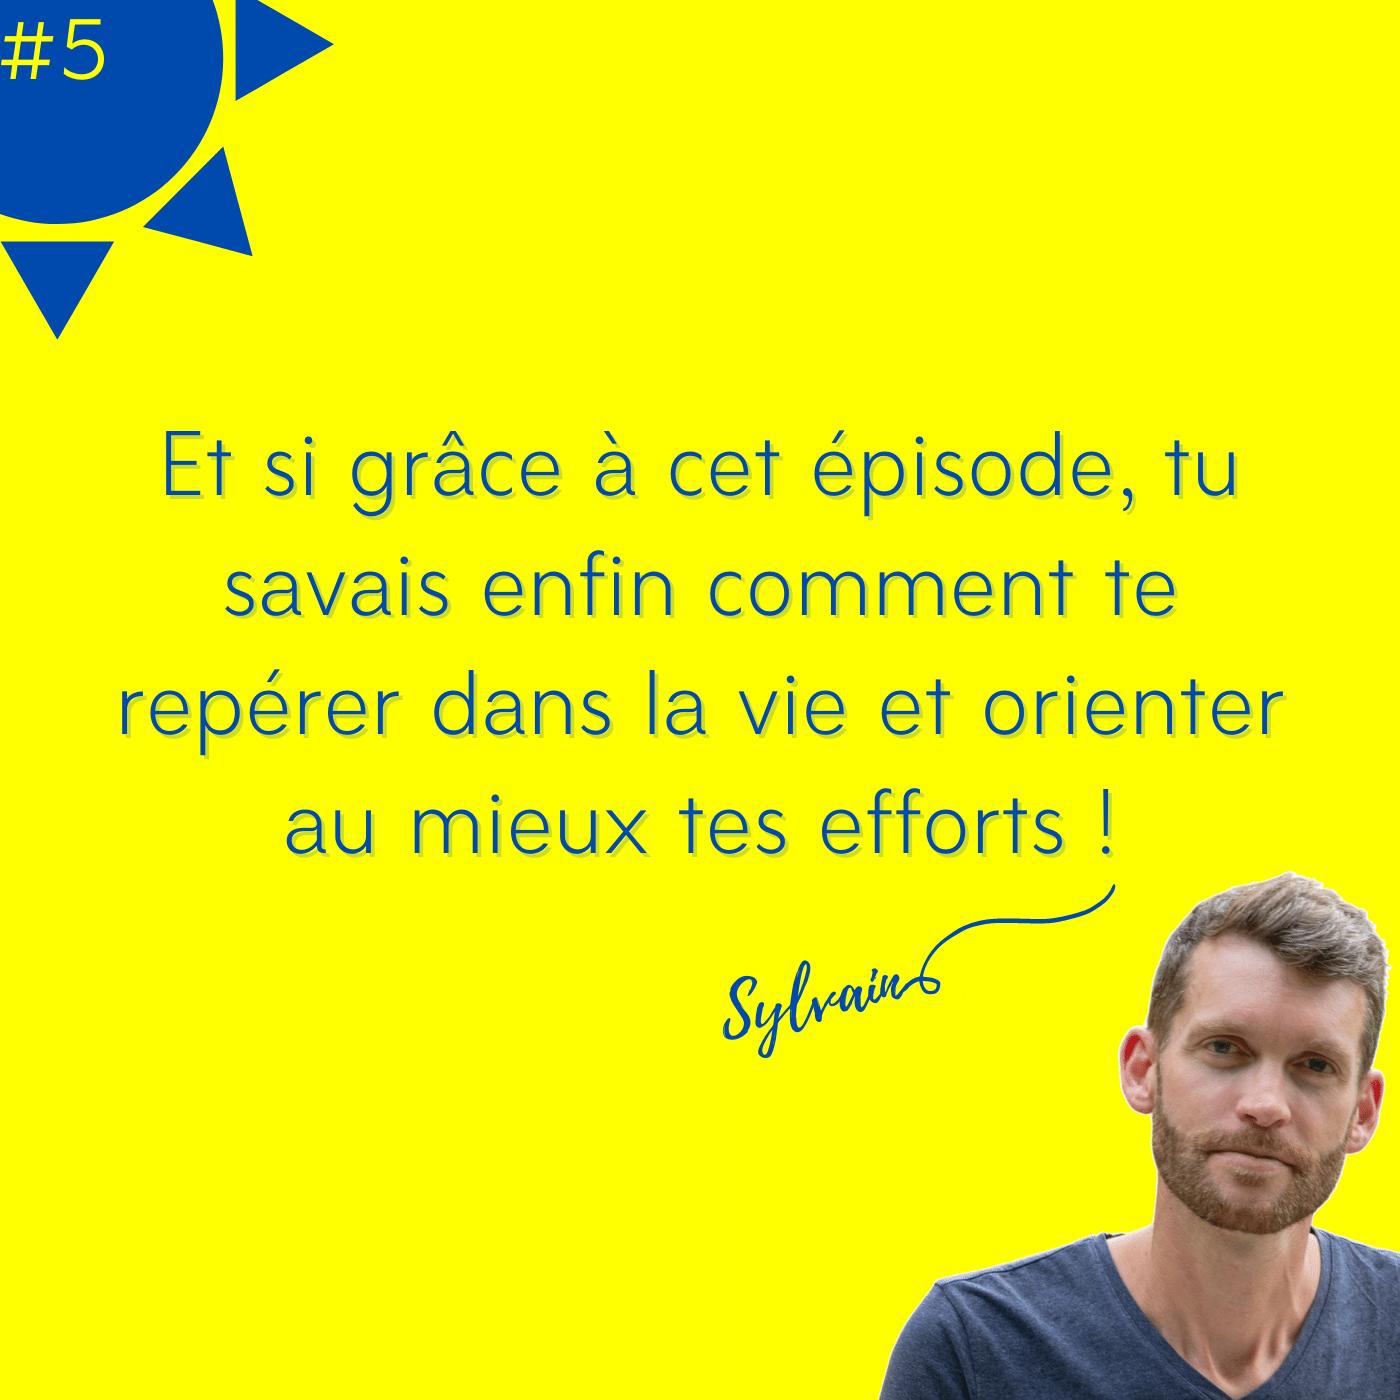 episode S1E87